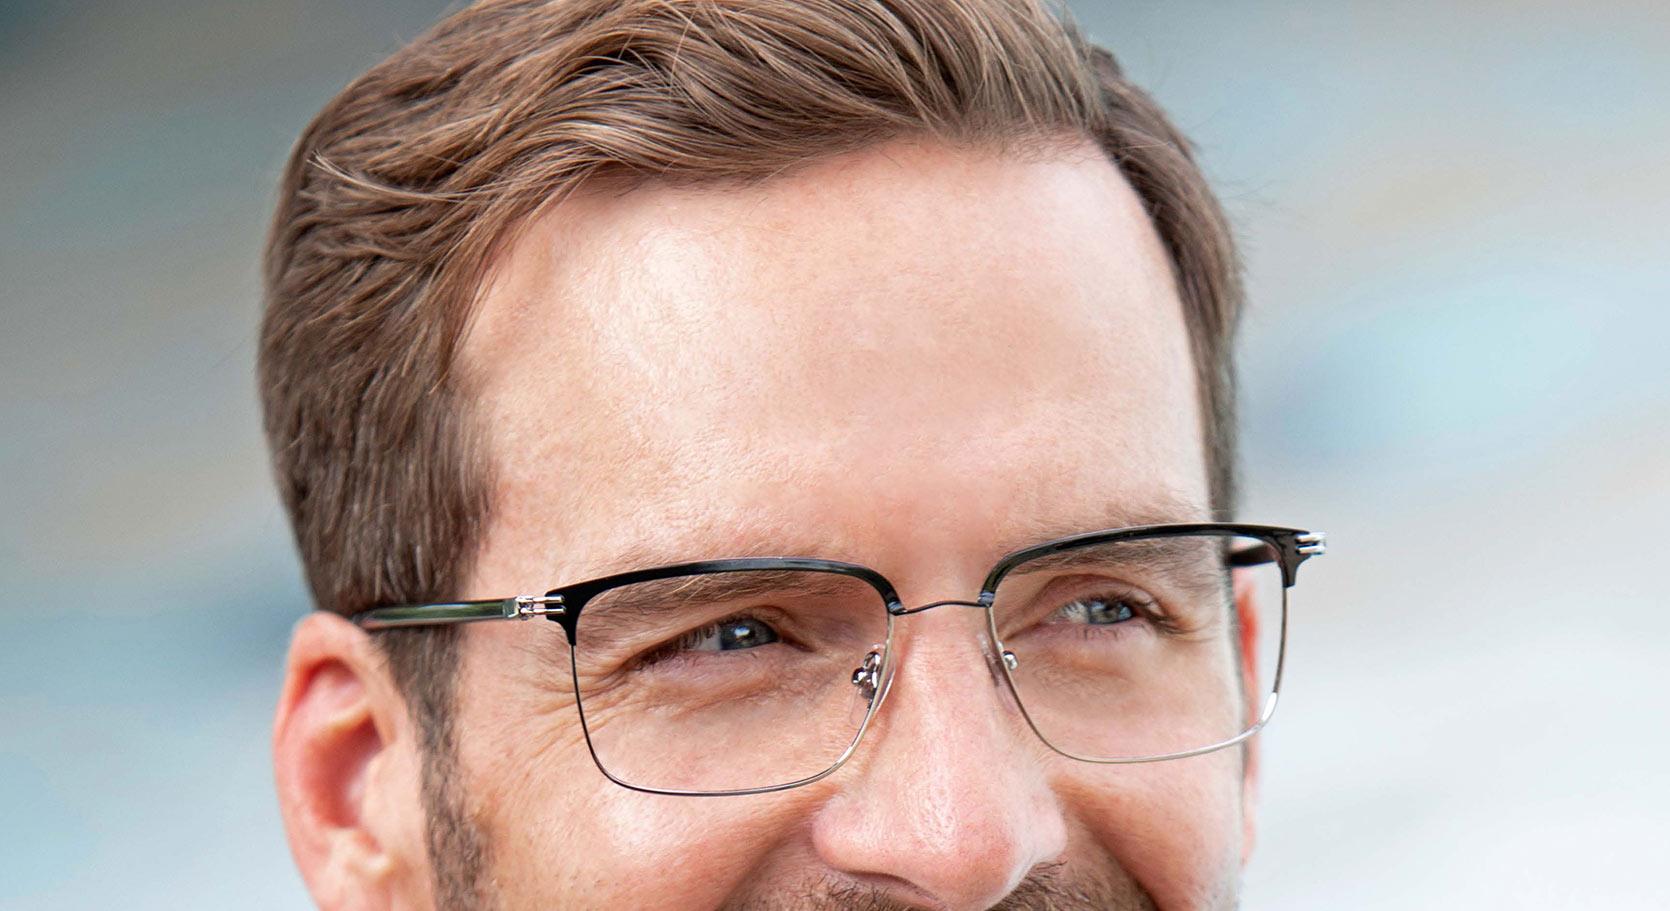 Men's Glasses in Santa Barbara and Goleta